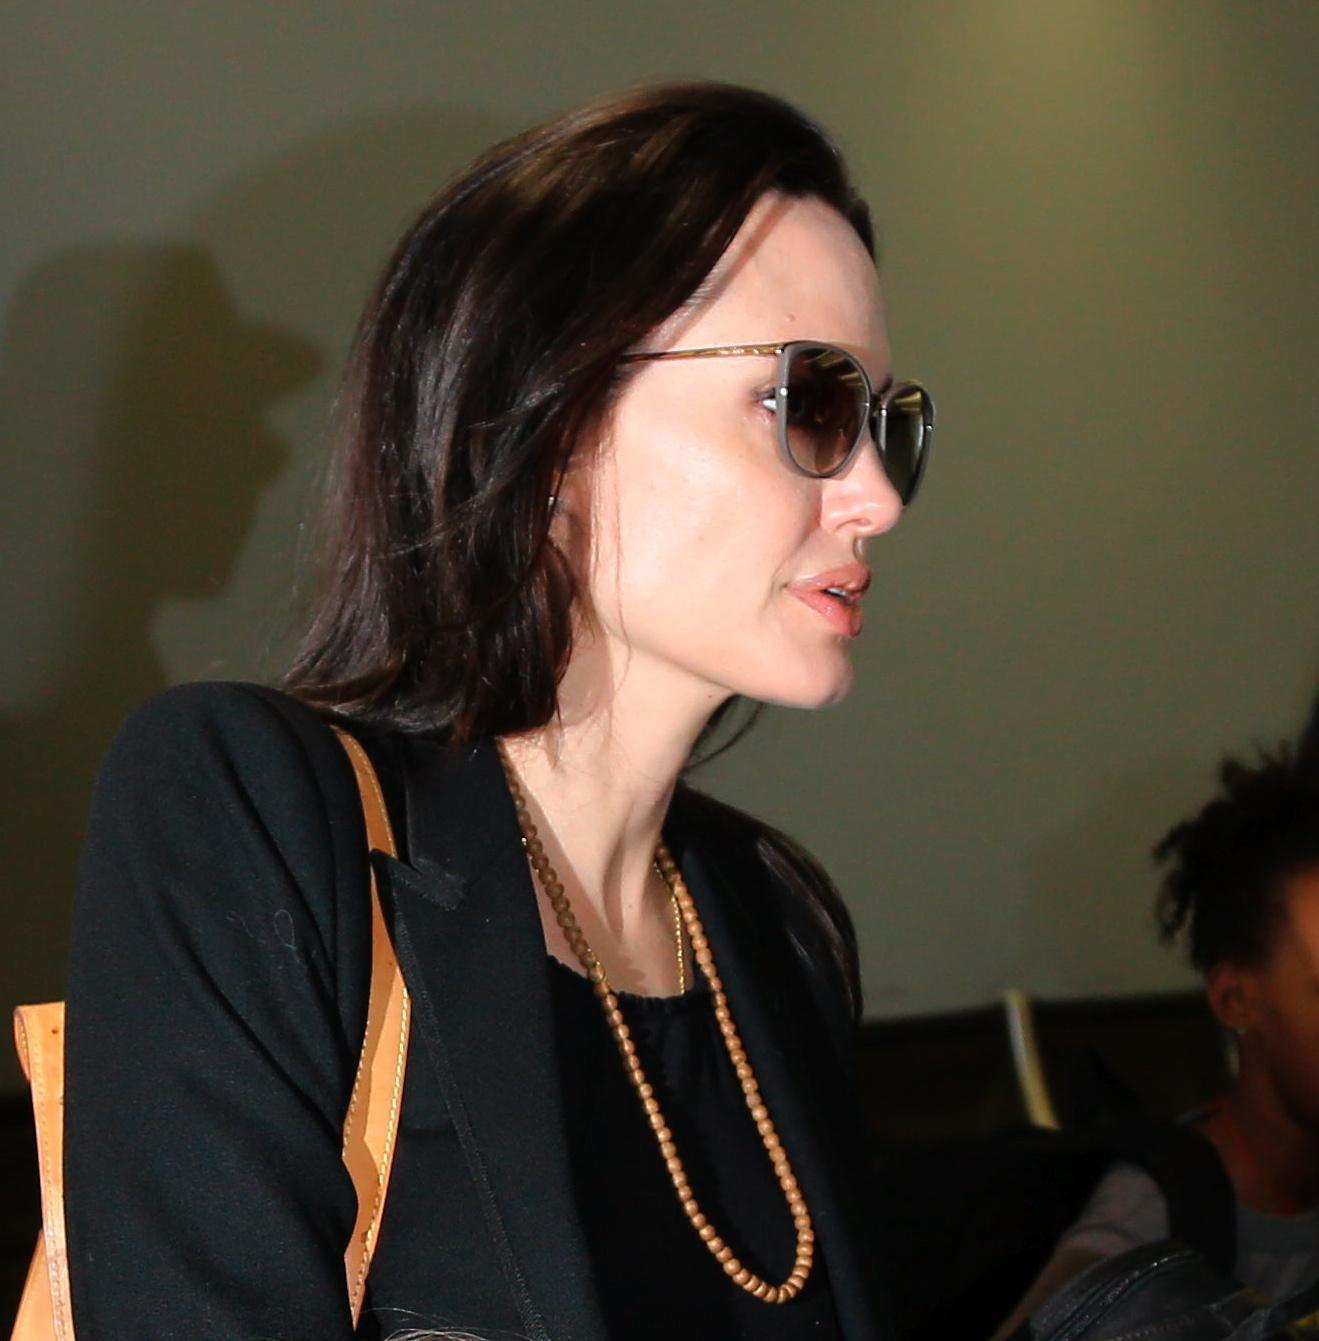 Angelina Jolie e Brad Pitt all'aeroporto con i figli FOTO 9